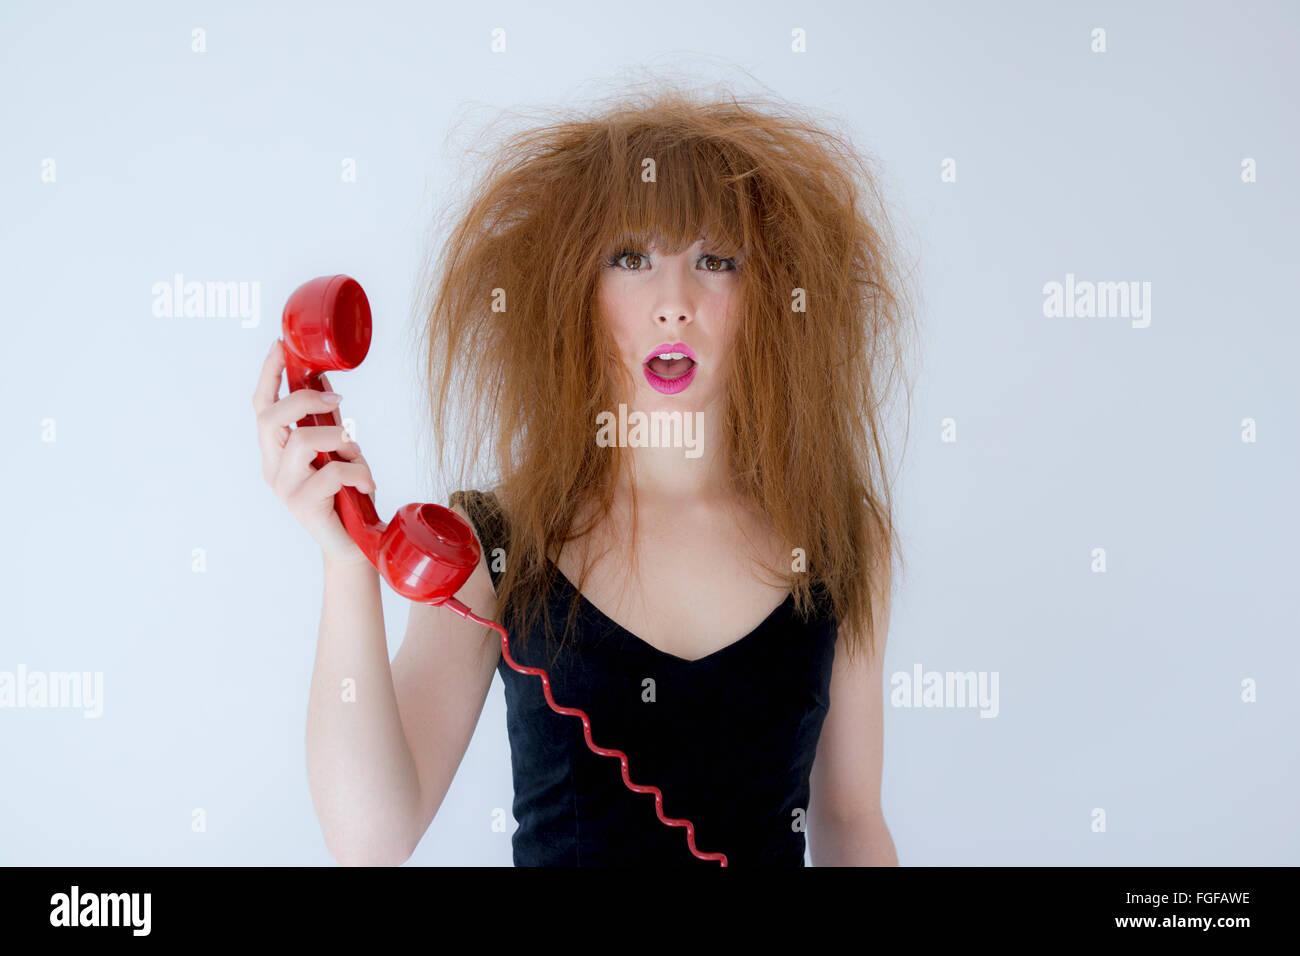 Femme aux cheveux en désordre tenant un téléphone rétro rouge avec une expression de confusion Photo Stock